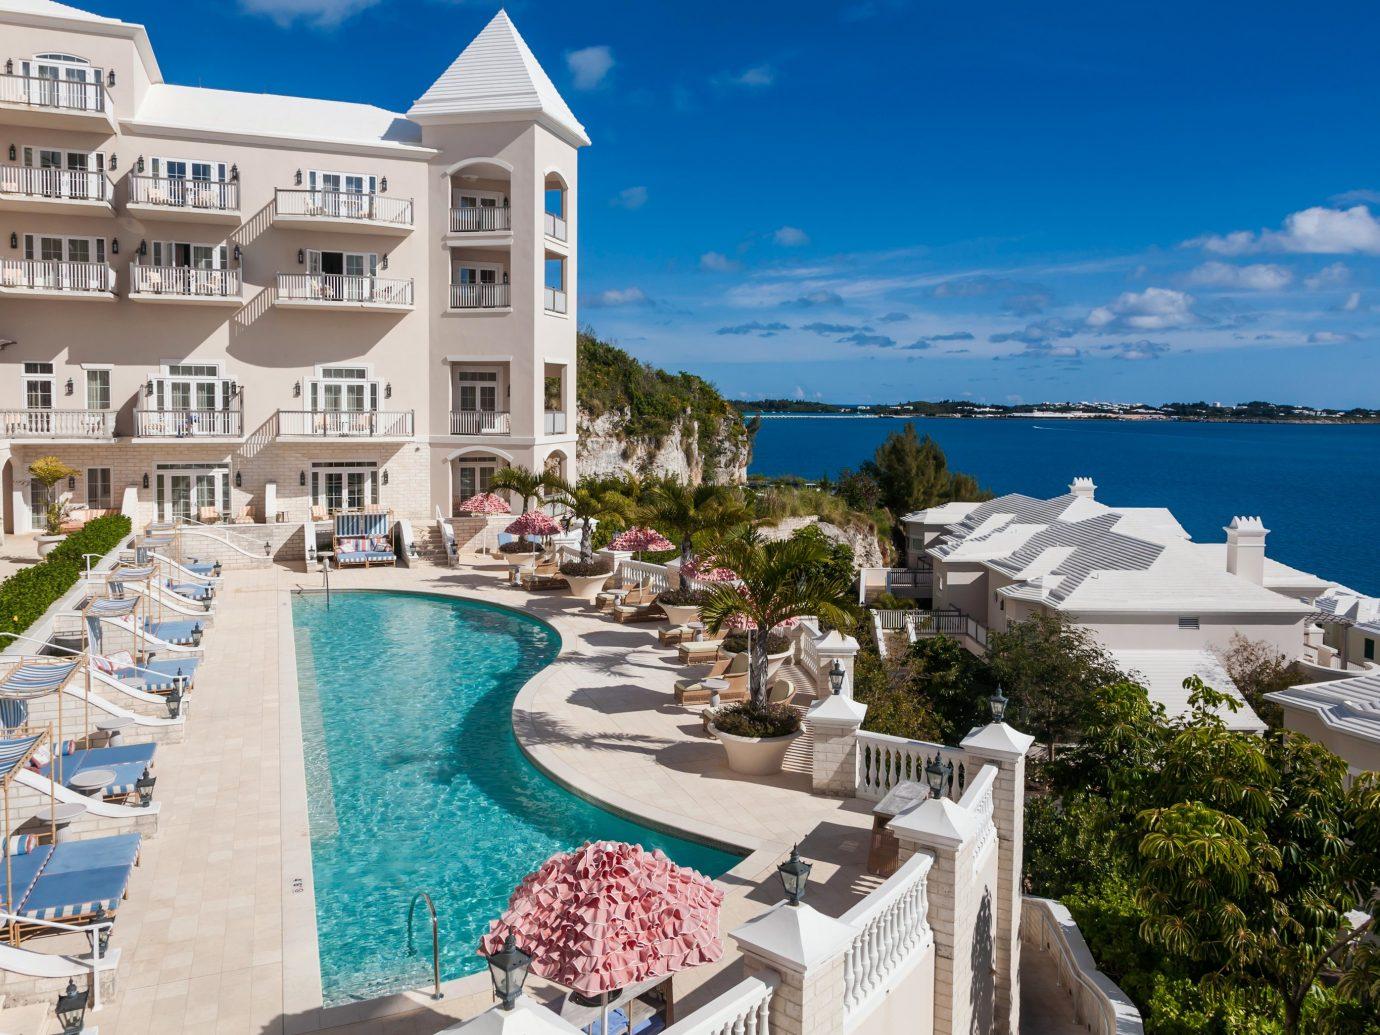 Pool at Rosewood Bermuda